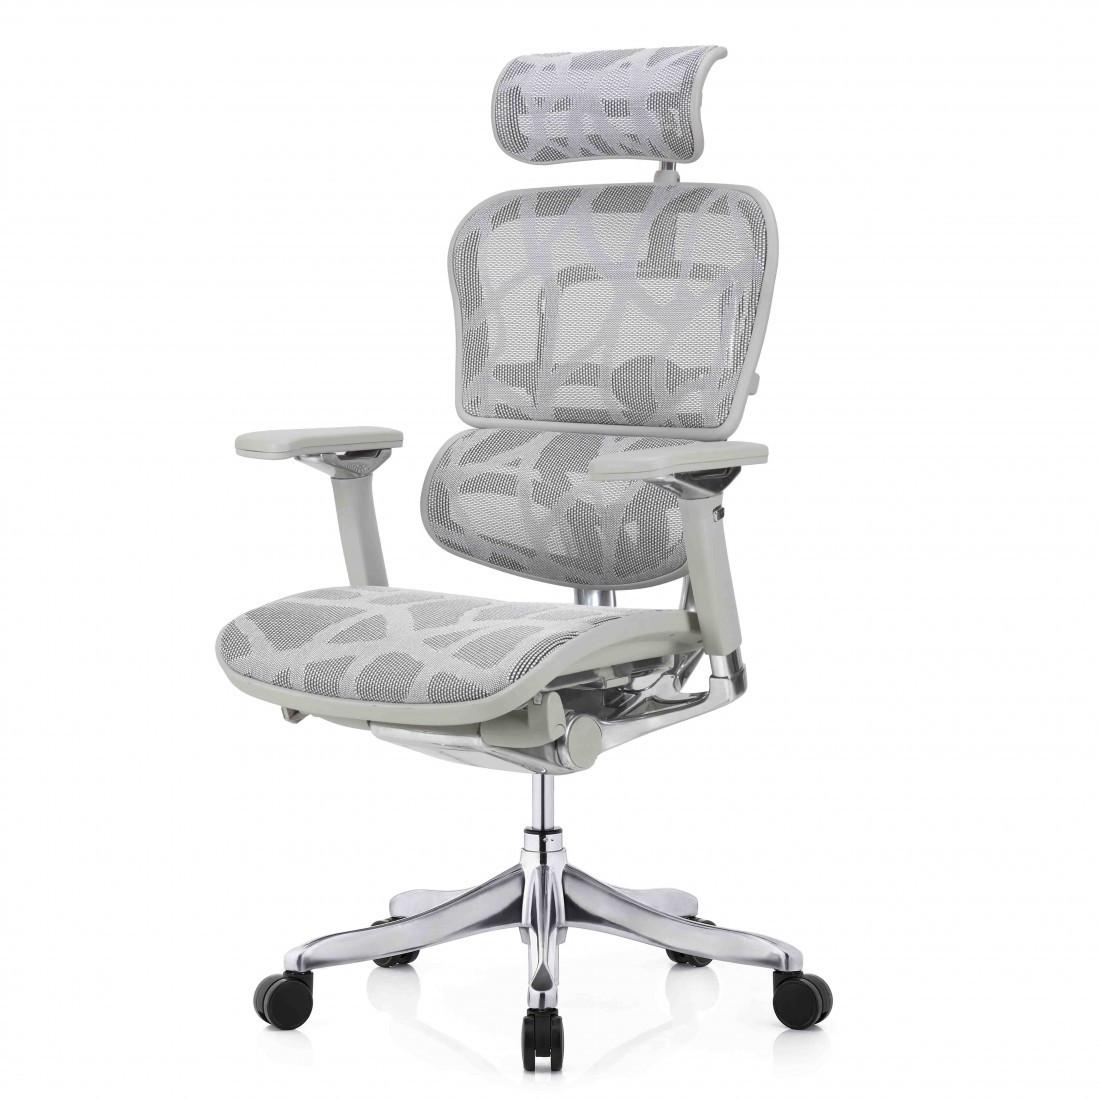 Кресло компьютерное с подголовником Enrandnepr ERGOHUMAN PLUS LUXURY